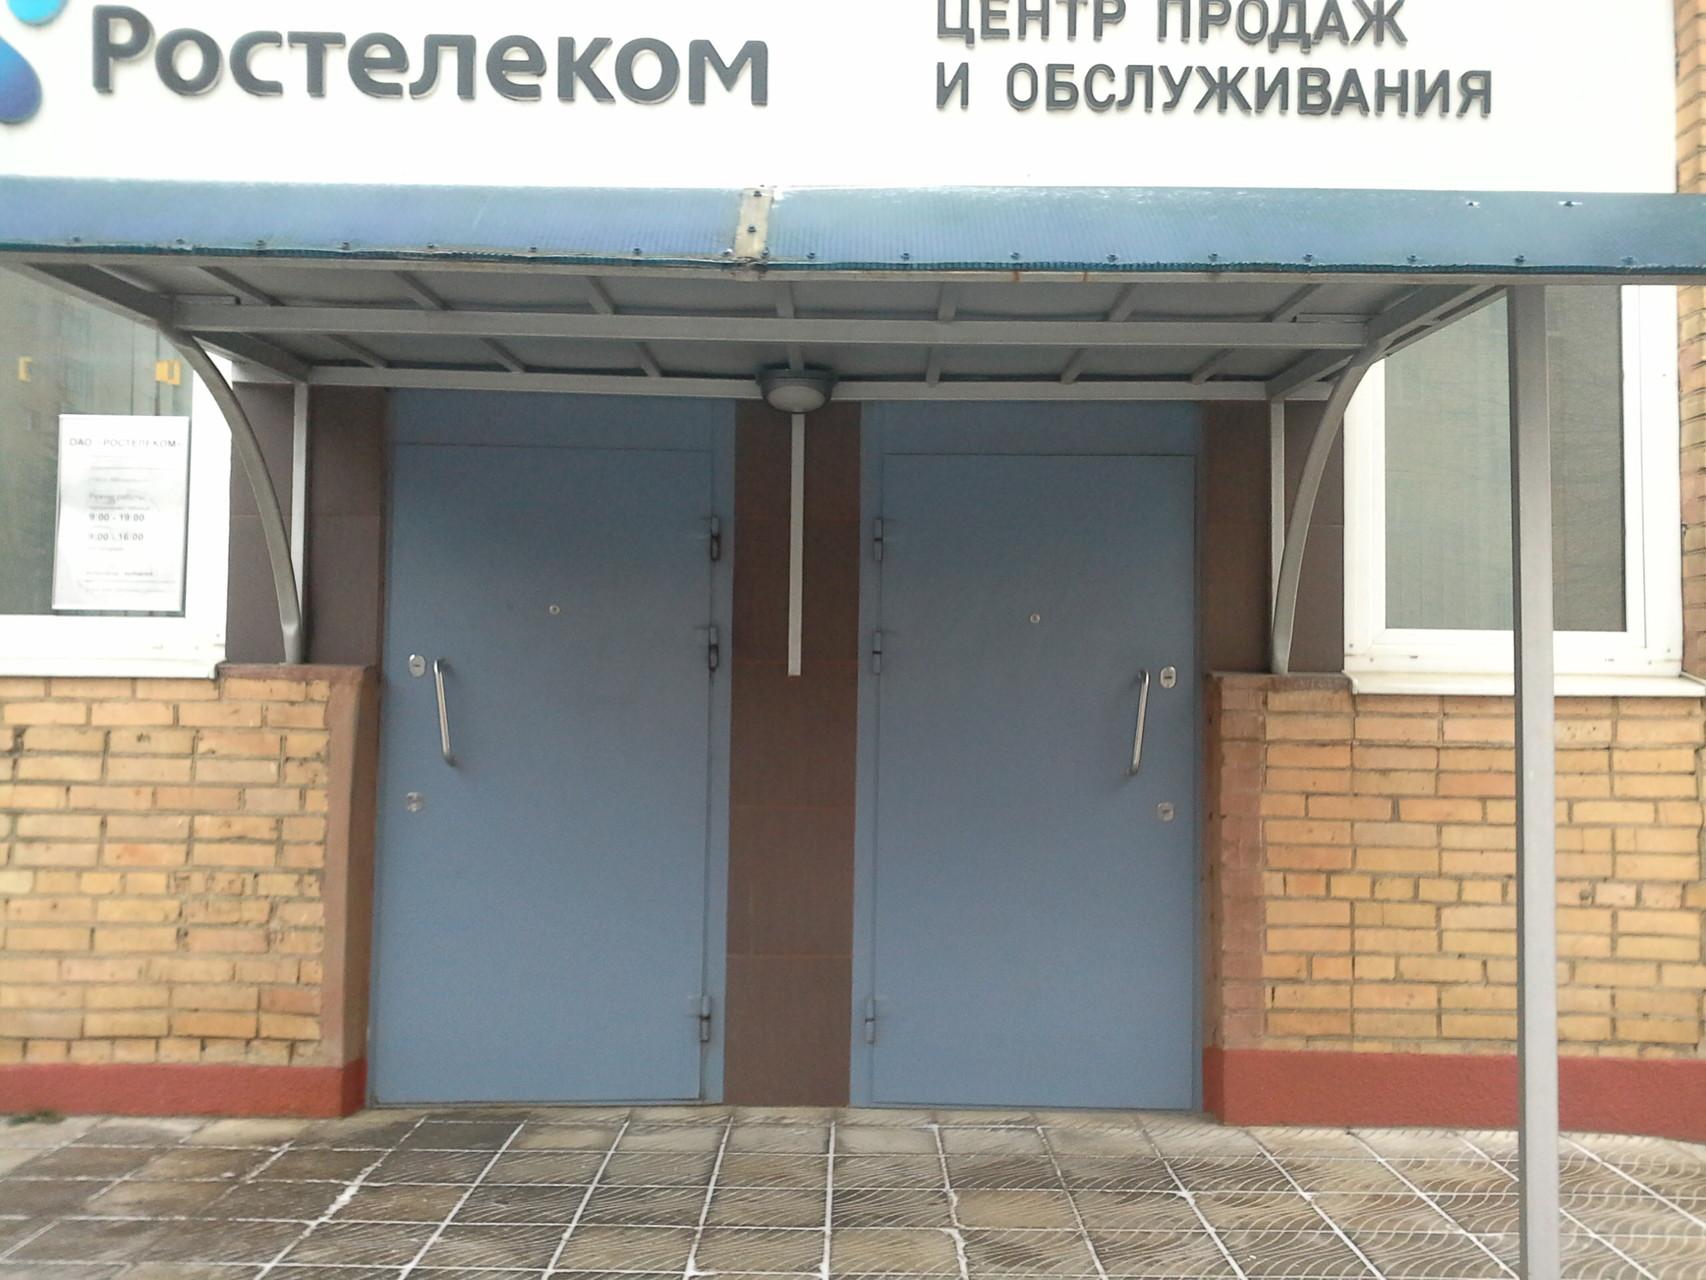 установка в Ростелеком дверь серии ПМ.